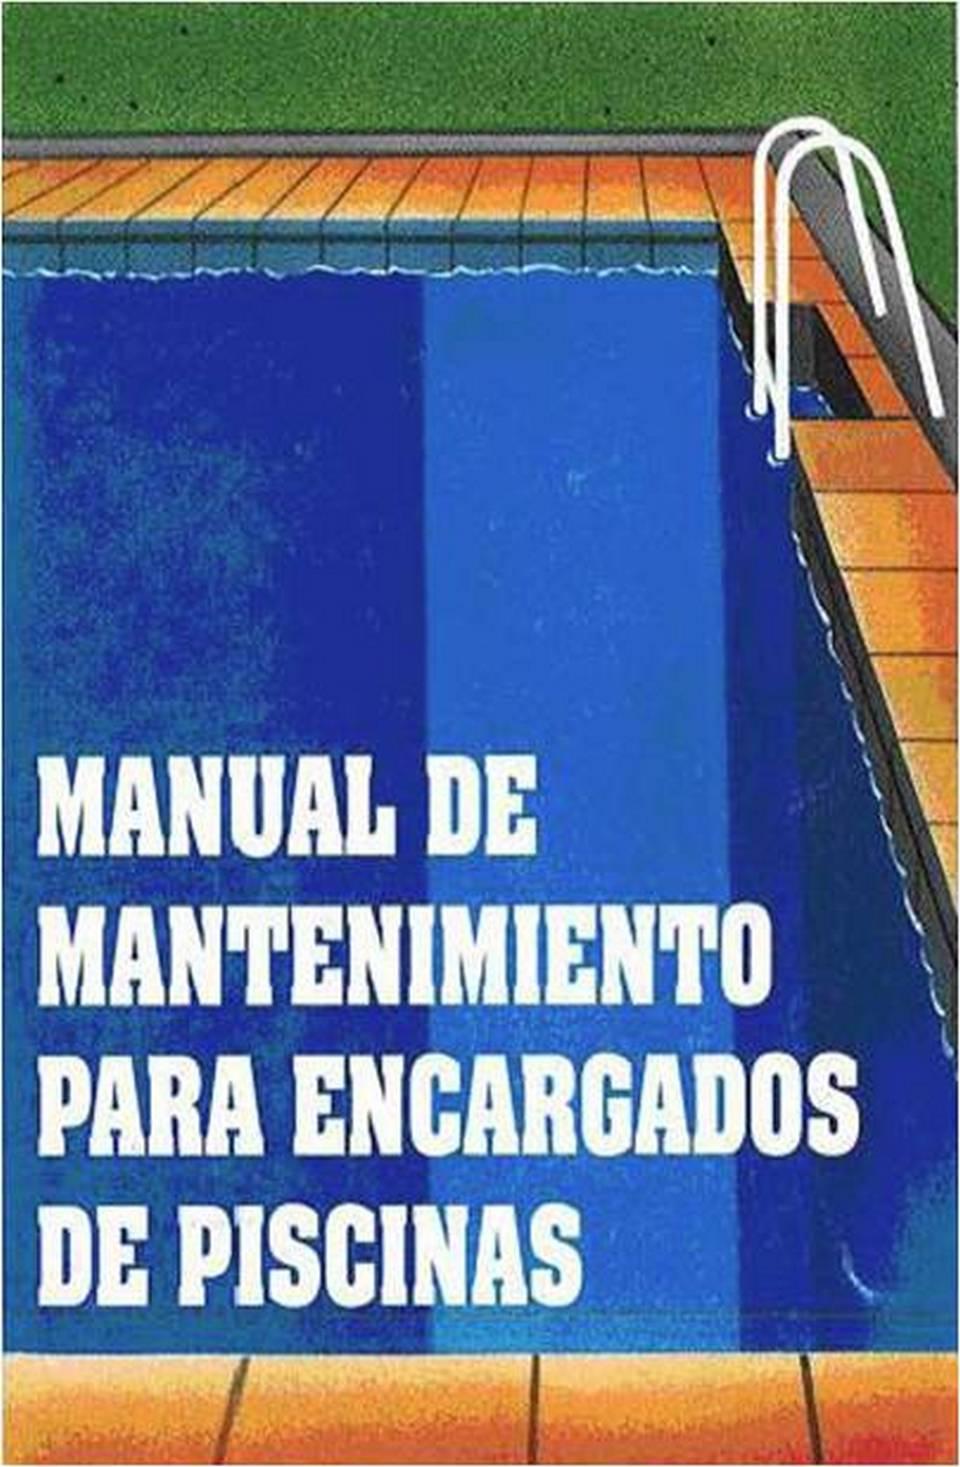 Imagen de la portada de la publicación Manual de mantenimiento para encargados de piscinas